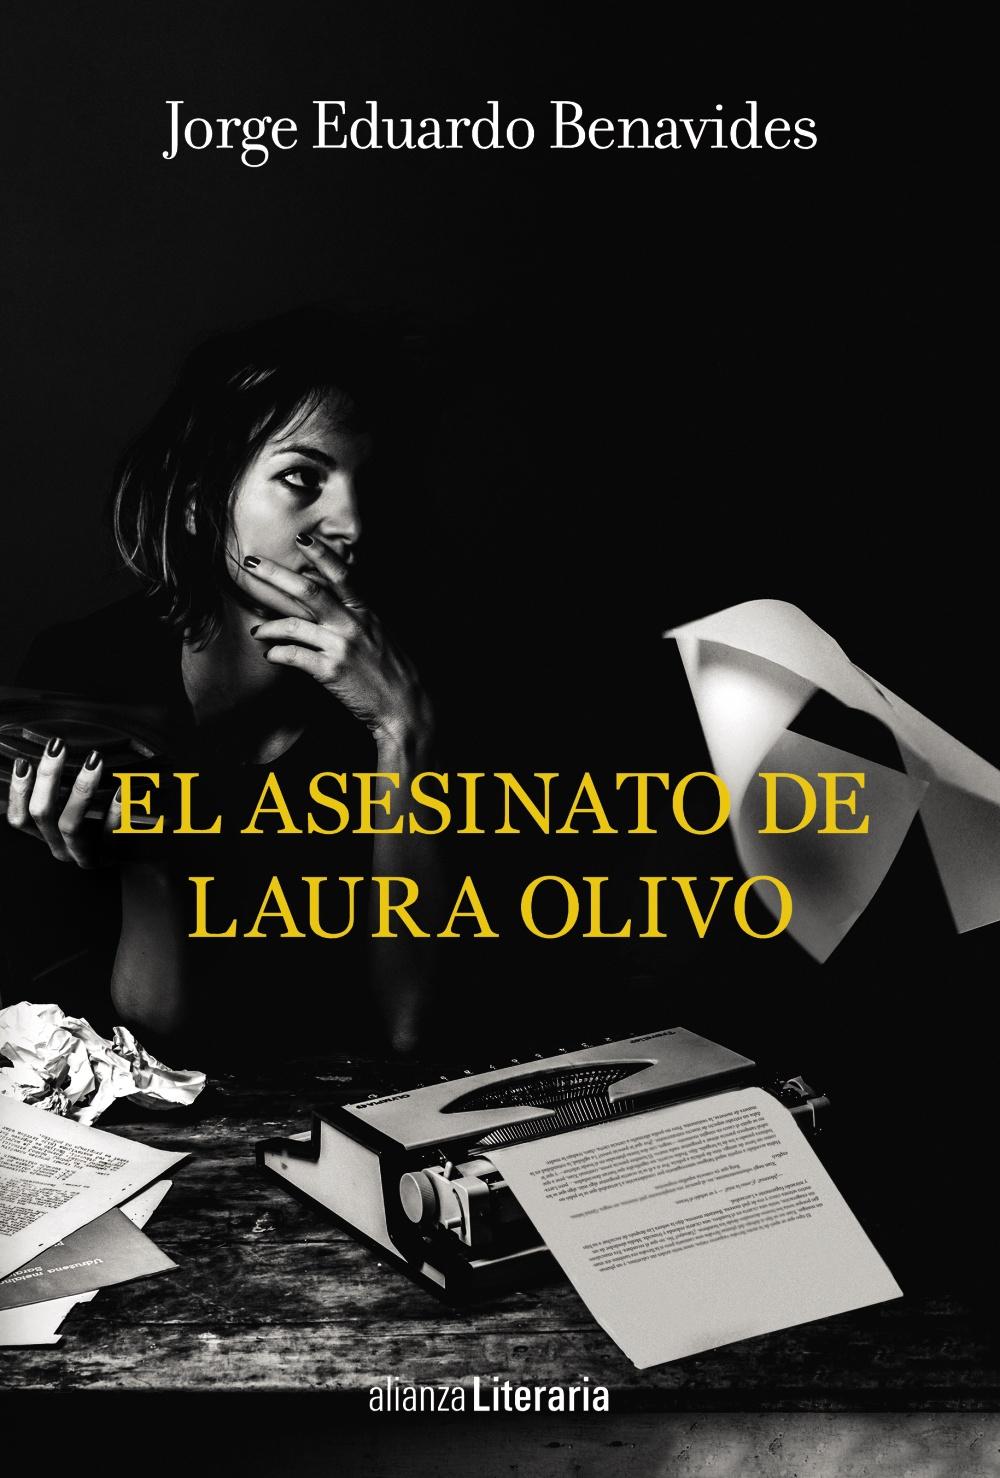 el asesinato de laura olivo-jorge eduardo benavides-9788491810520